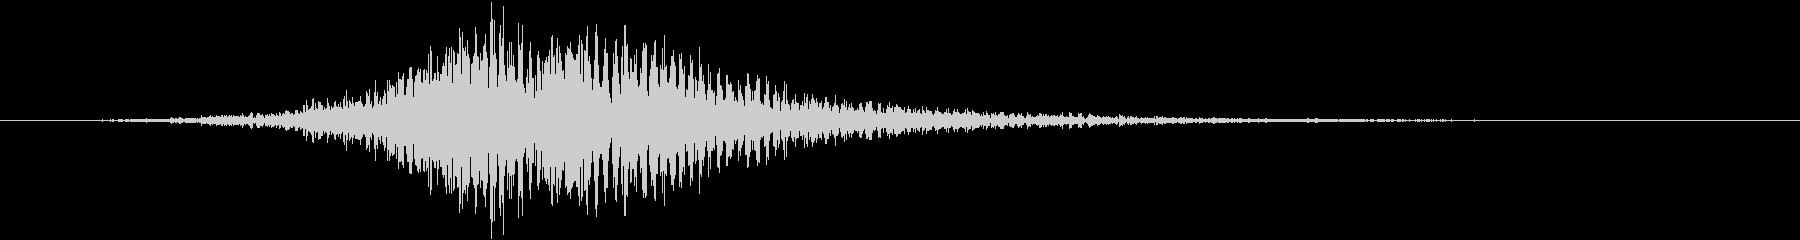 【映画】タイトルに合う効果音_02の未再生の波形